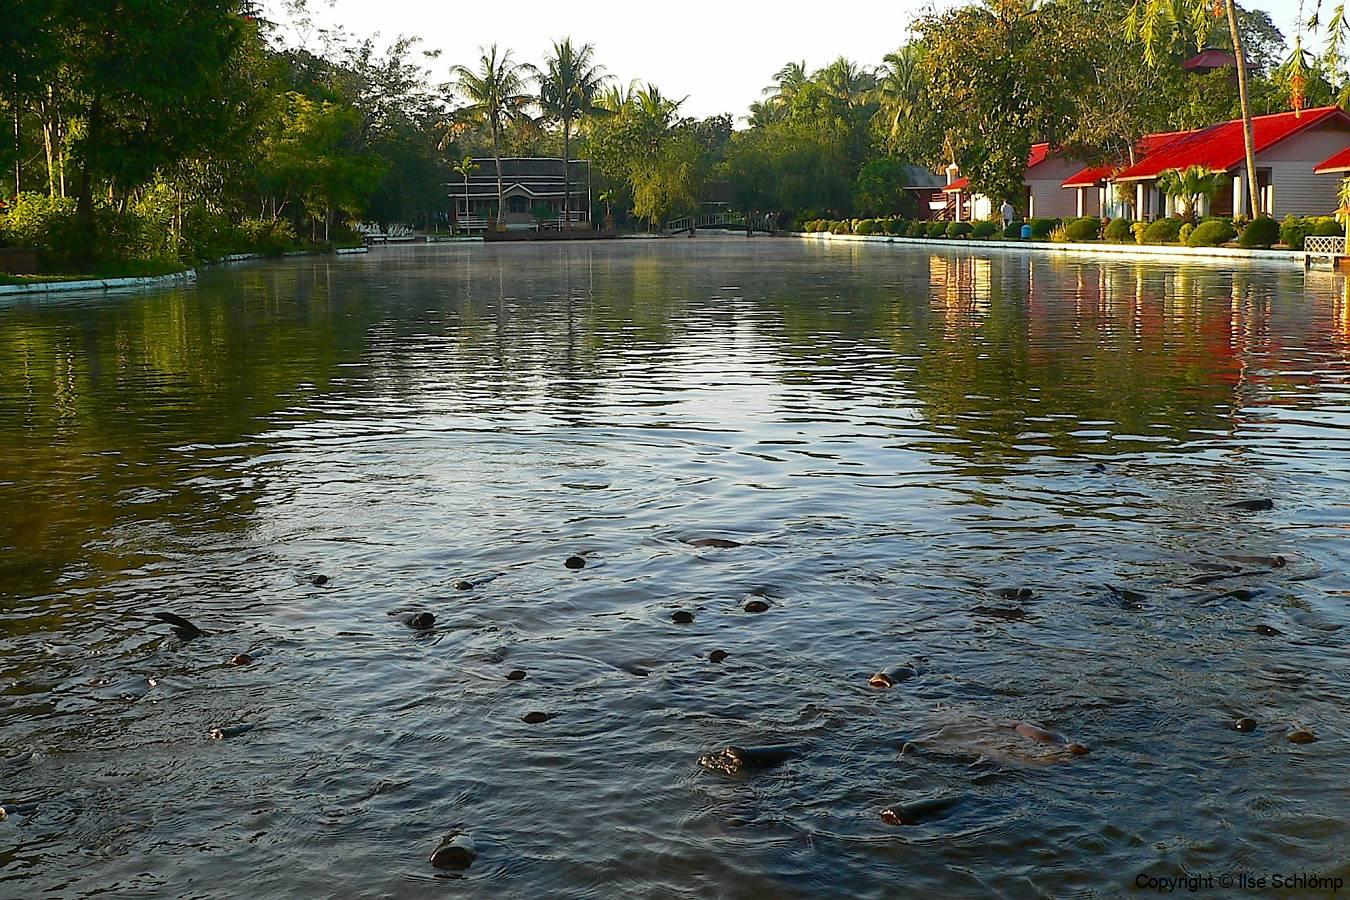 Myanmar, Pyay, Mingalar Garden Resort, Karpfen im See